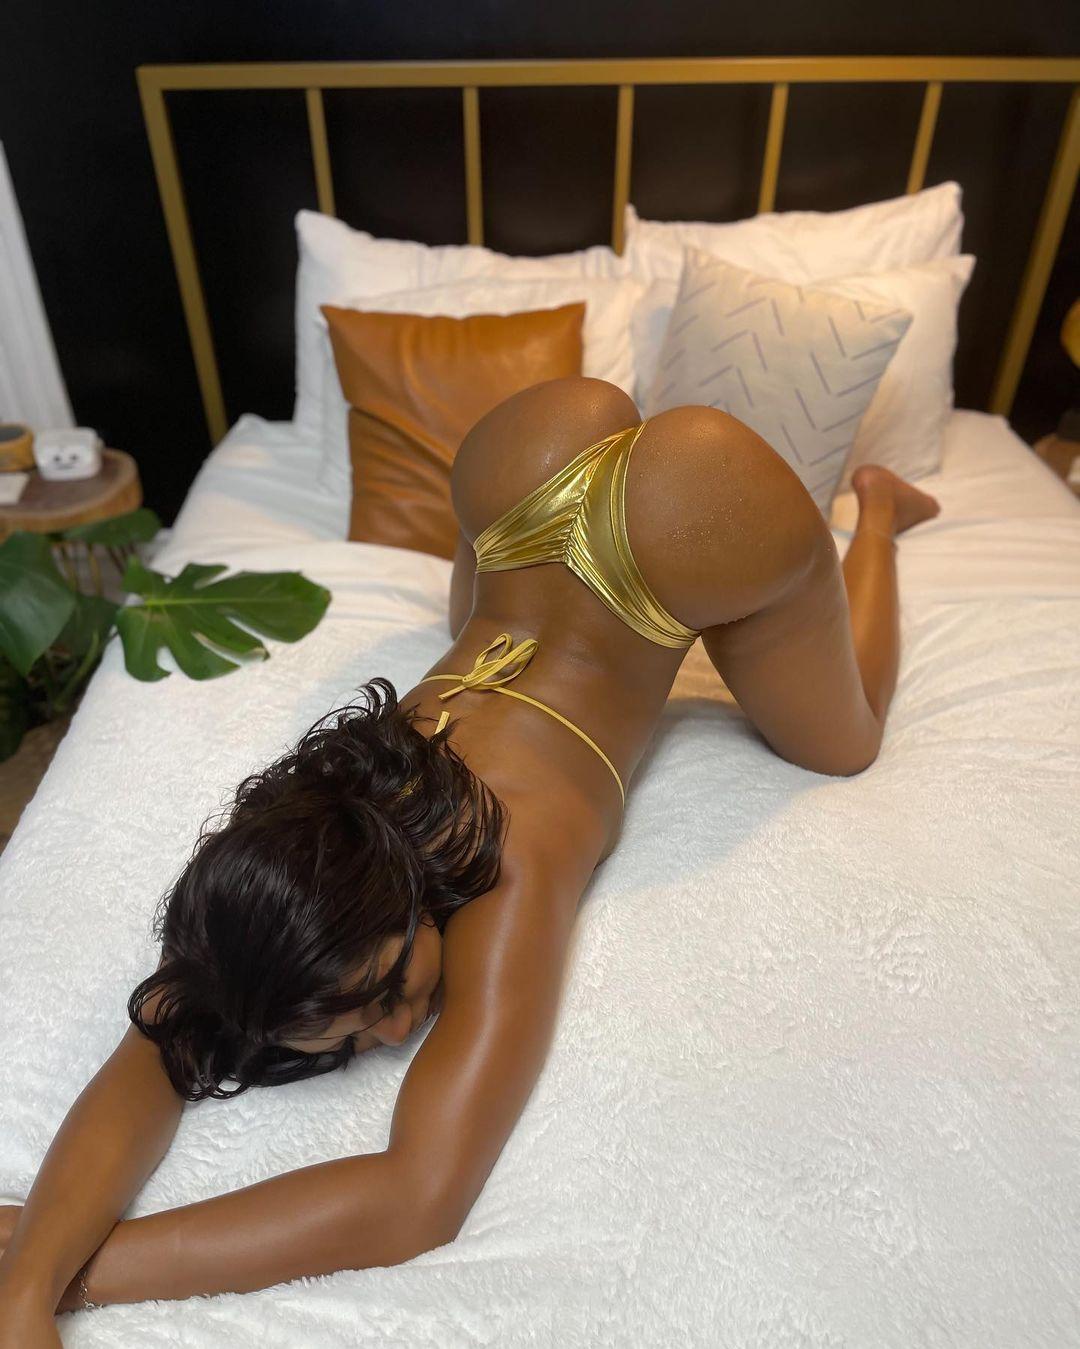 Saleema-Mansur-golden-ass.jpg